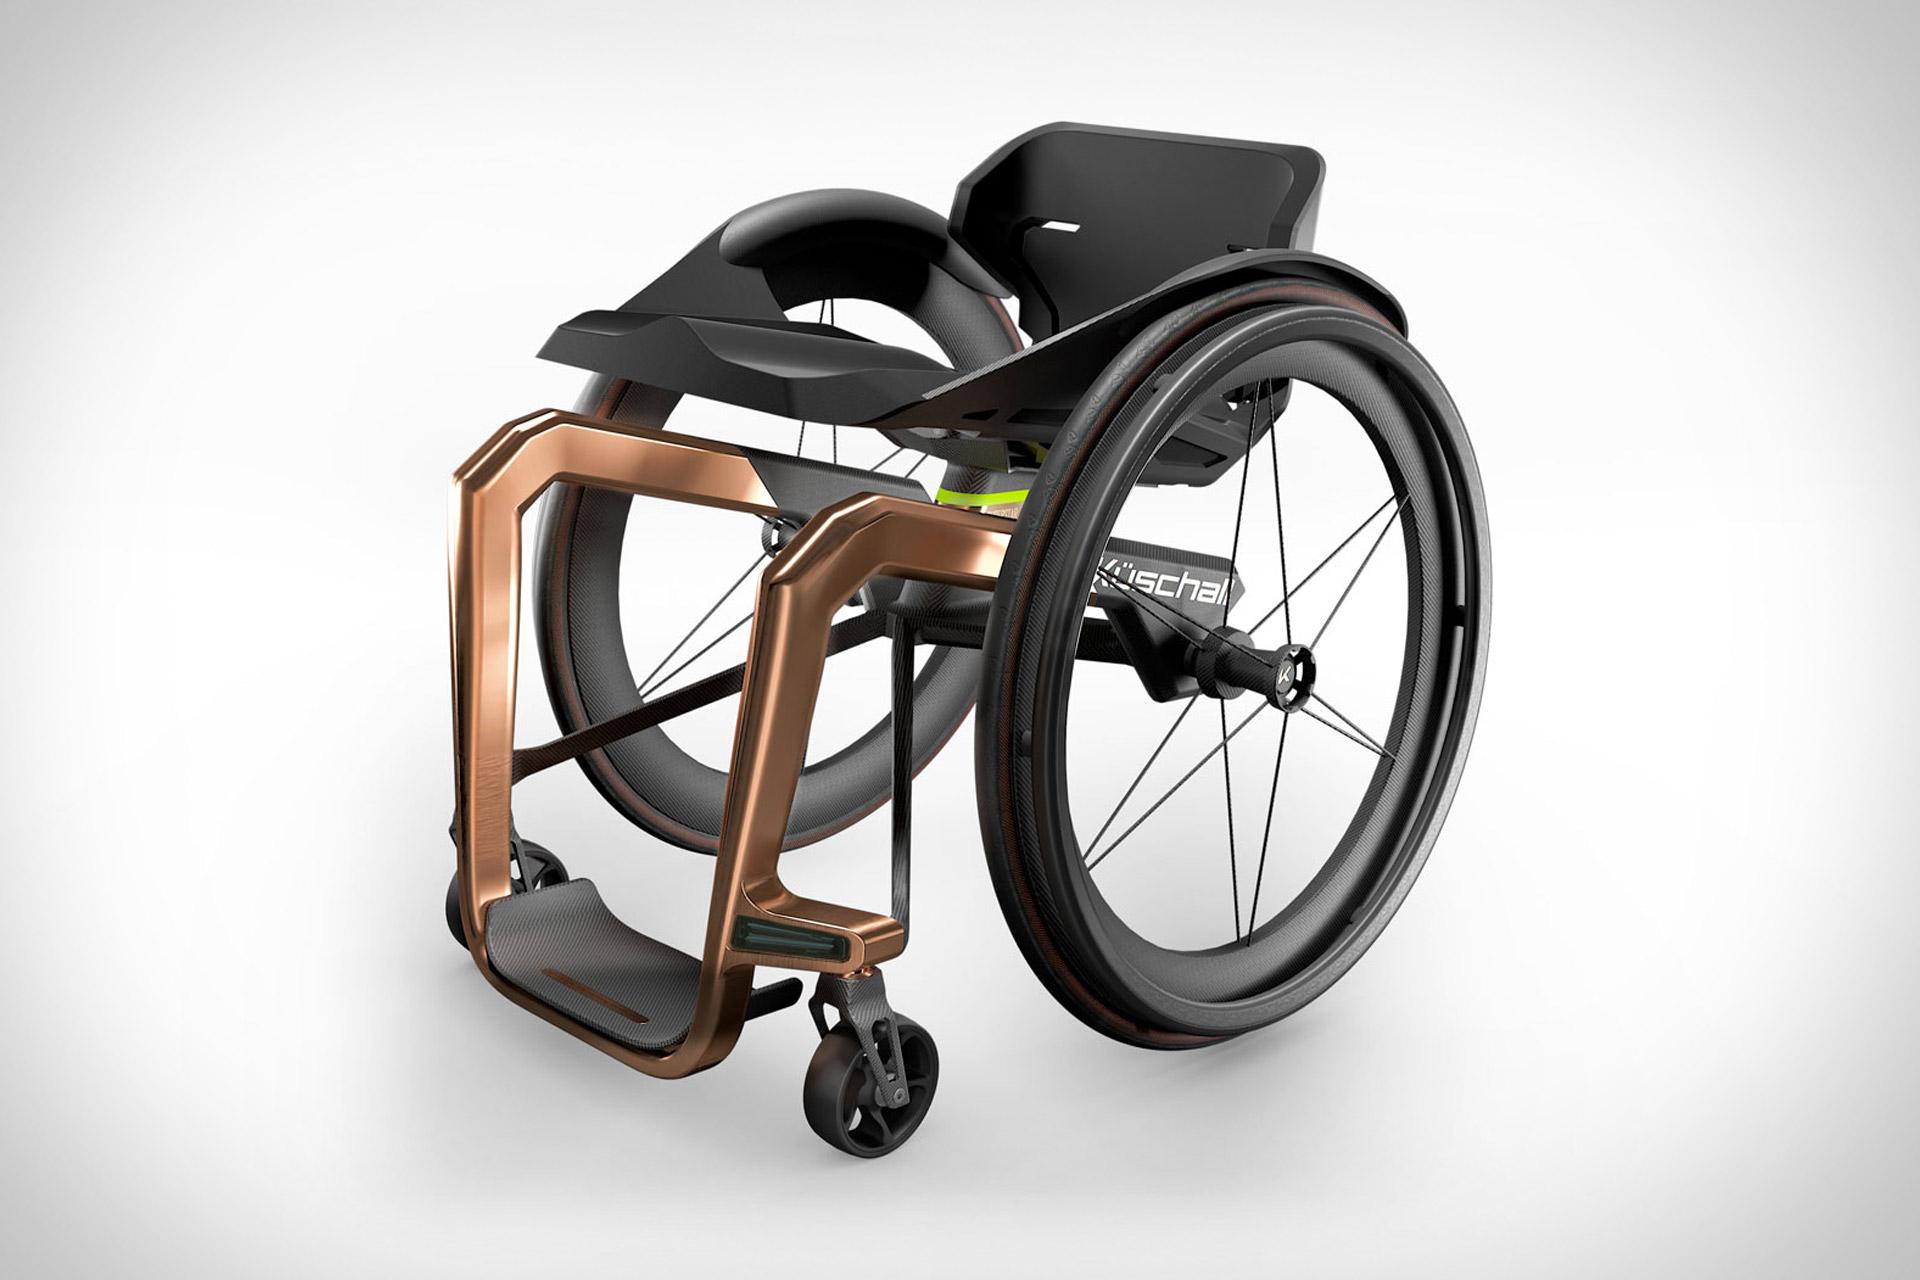 Kuschall Superstar Graphene Wheelchair Uncrate